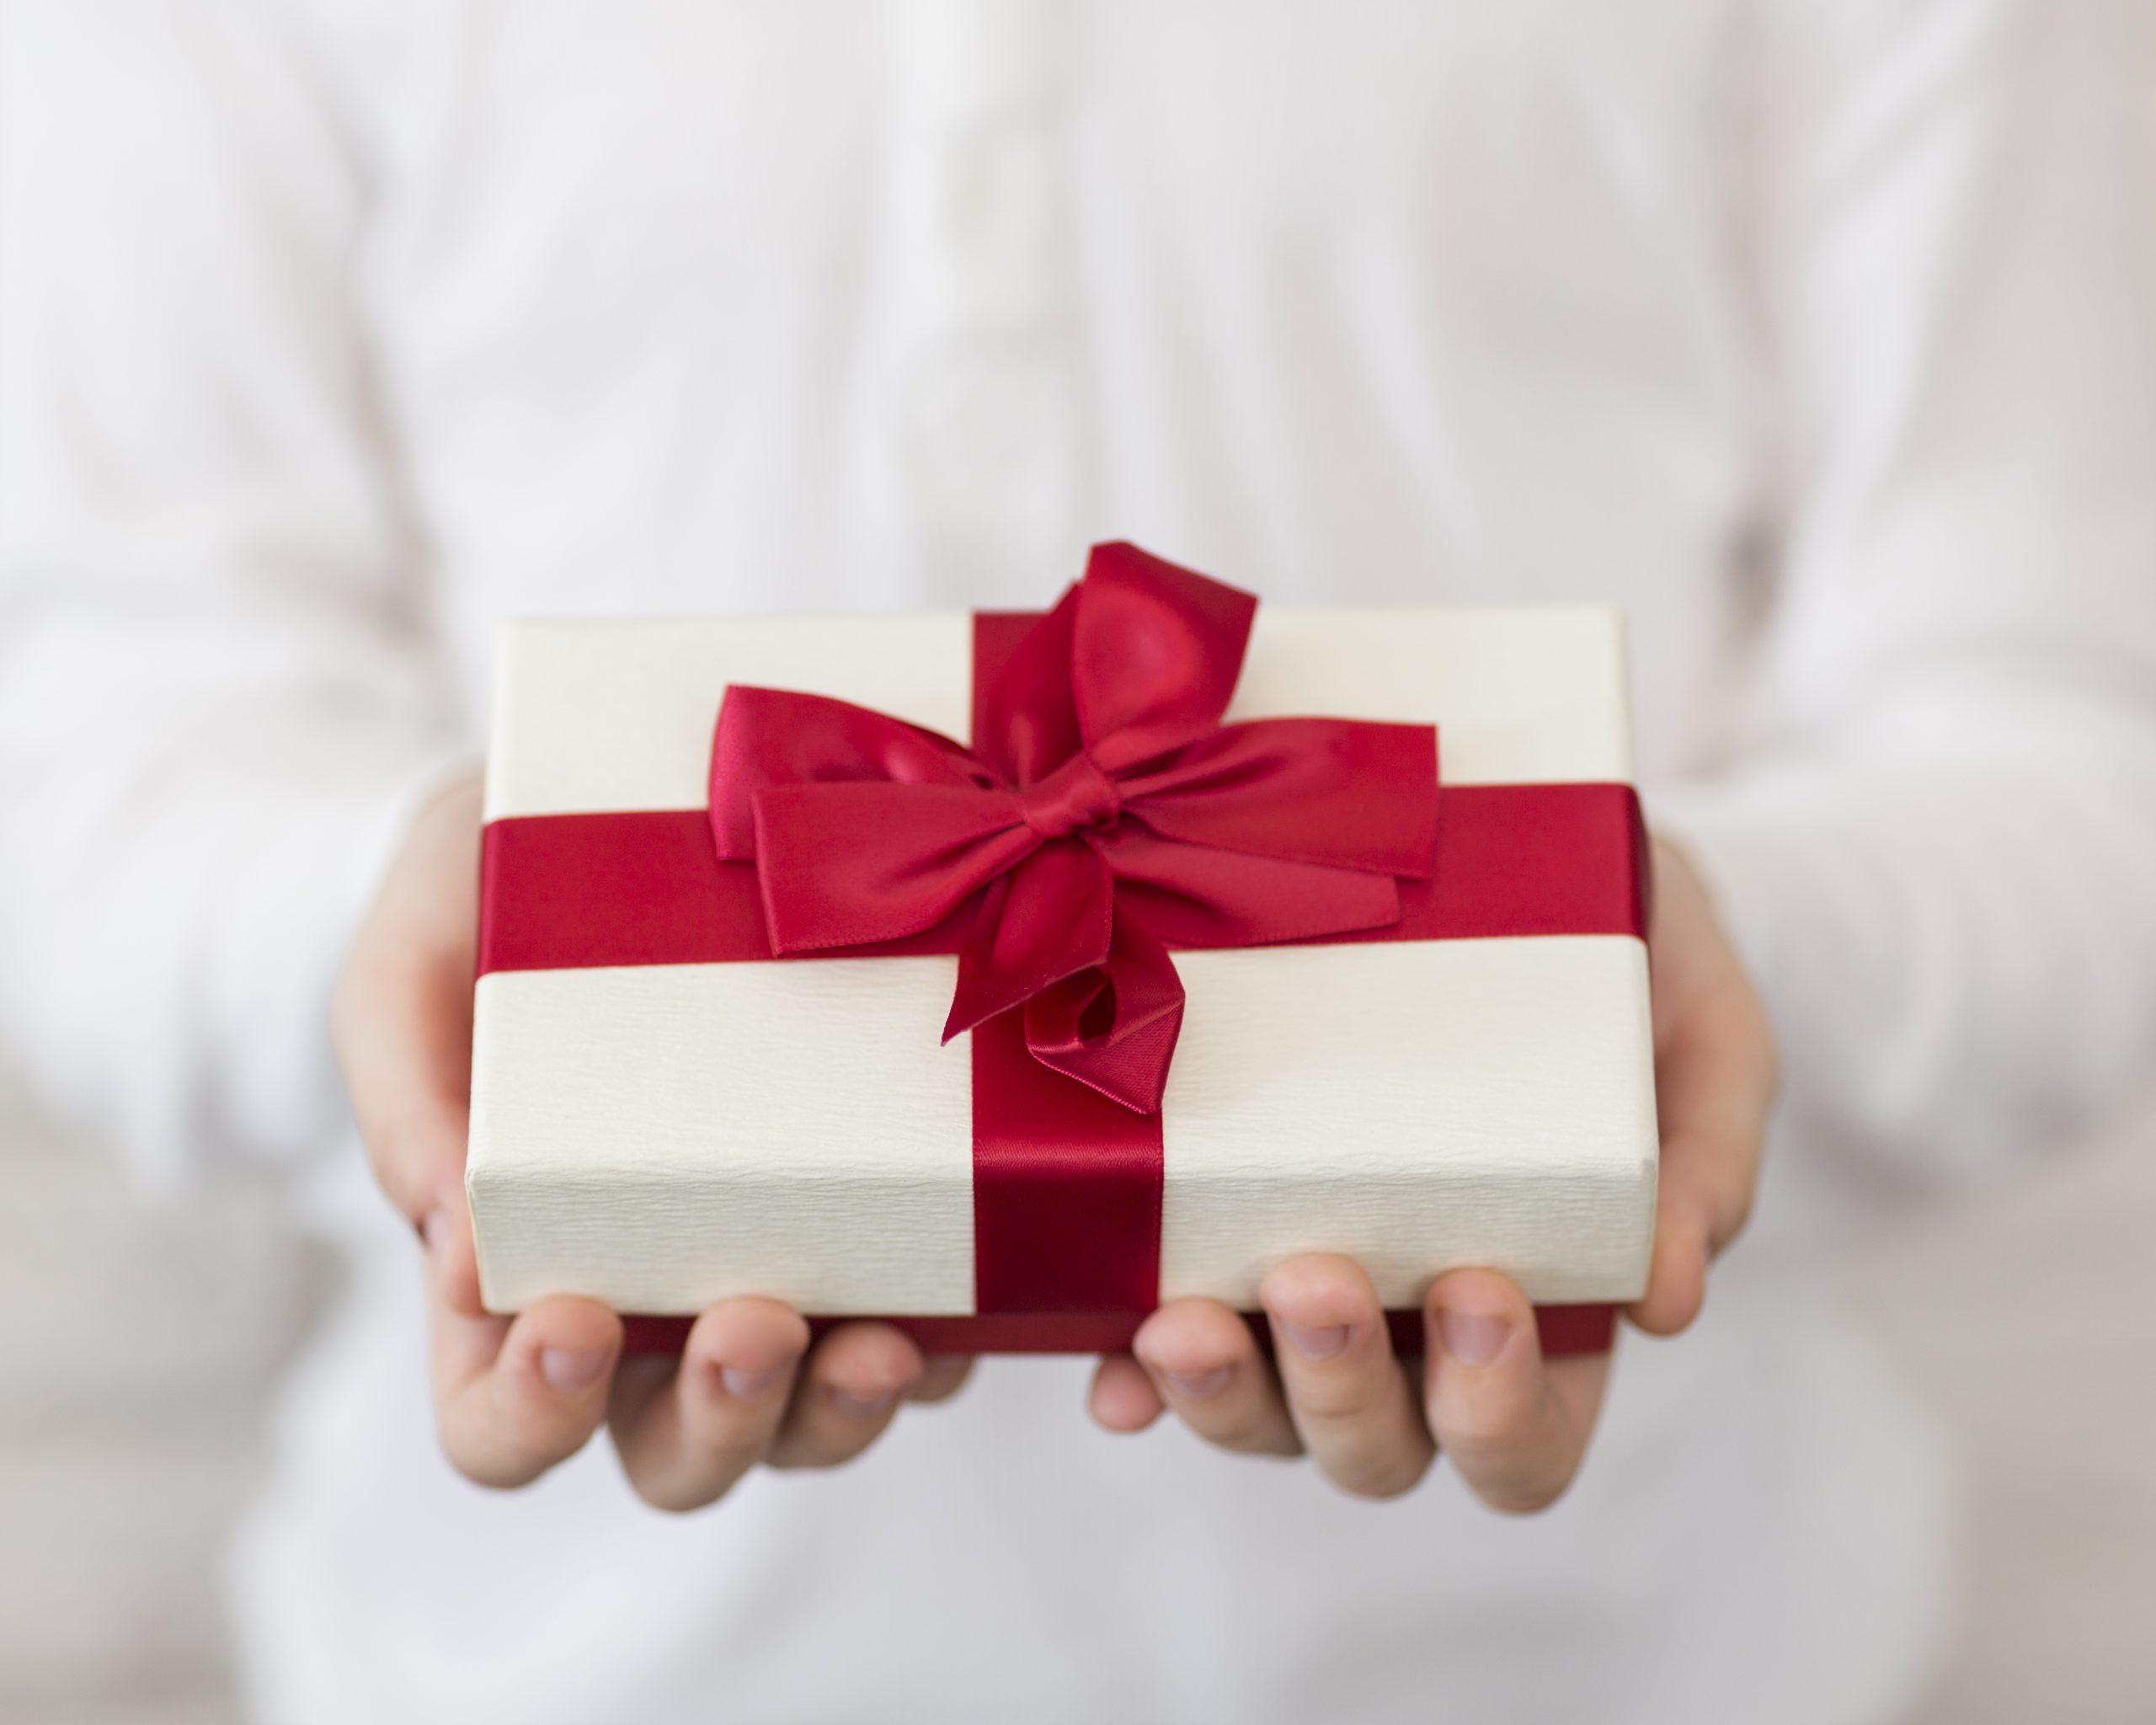 מתנה או הלוואה – כיצד  לשמור על ההון הפיננסי בתוך המשפחה